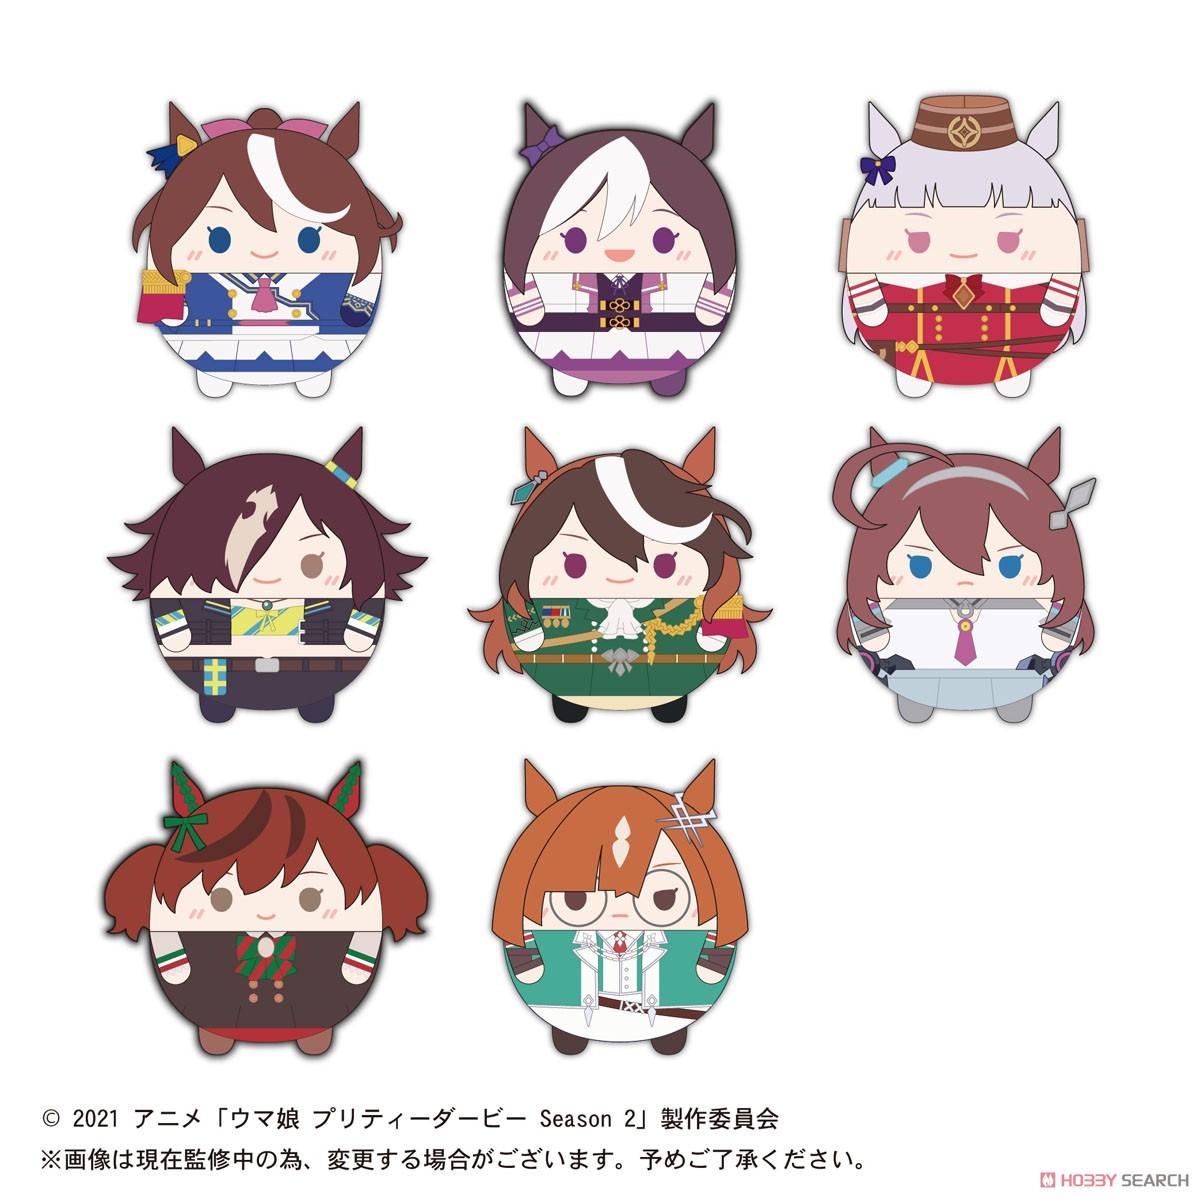 ウマ娘『TVアニメ ウマ娘 プリティーダービー Season2 ふわコロりん』8個入りBOX-001